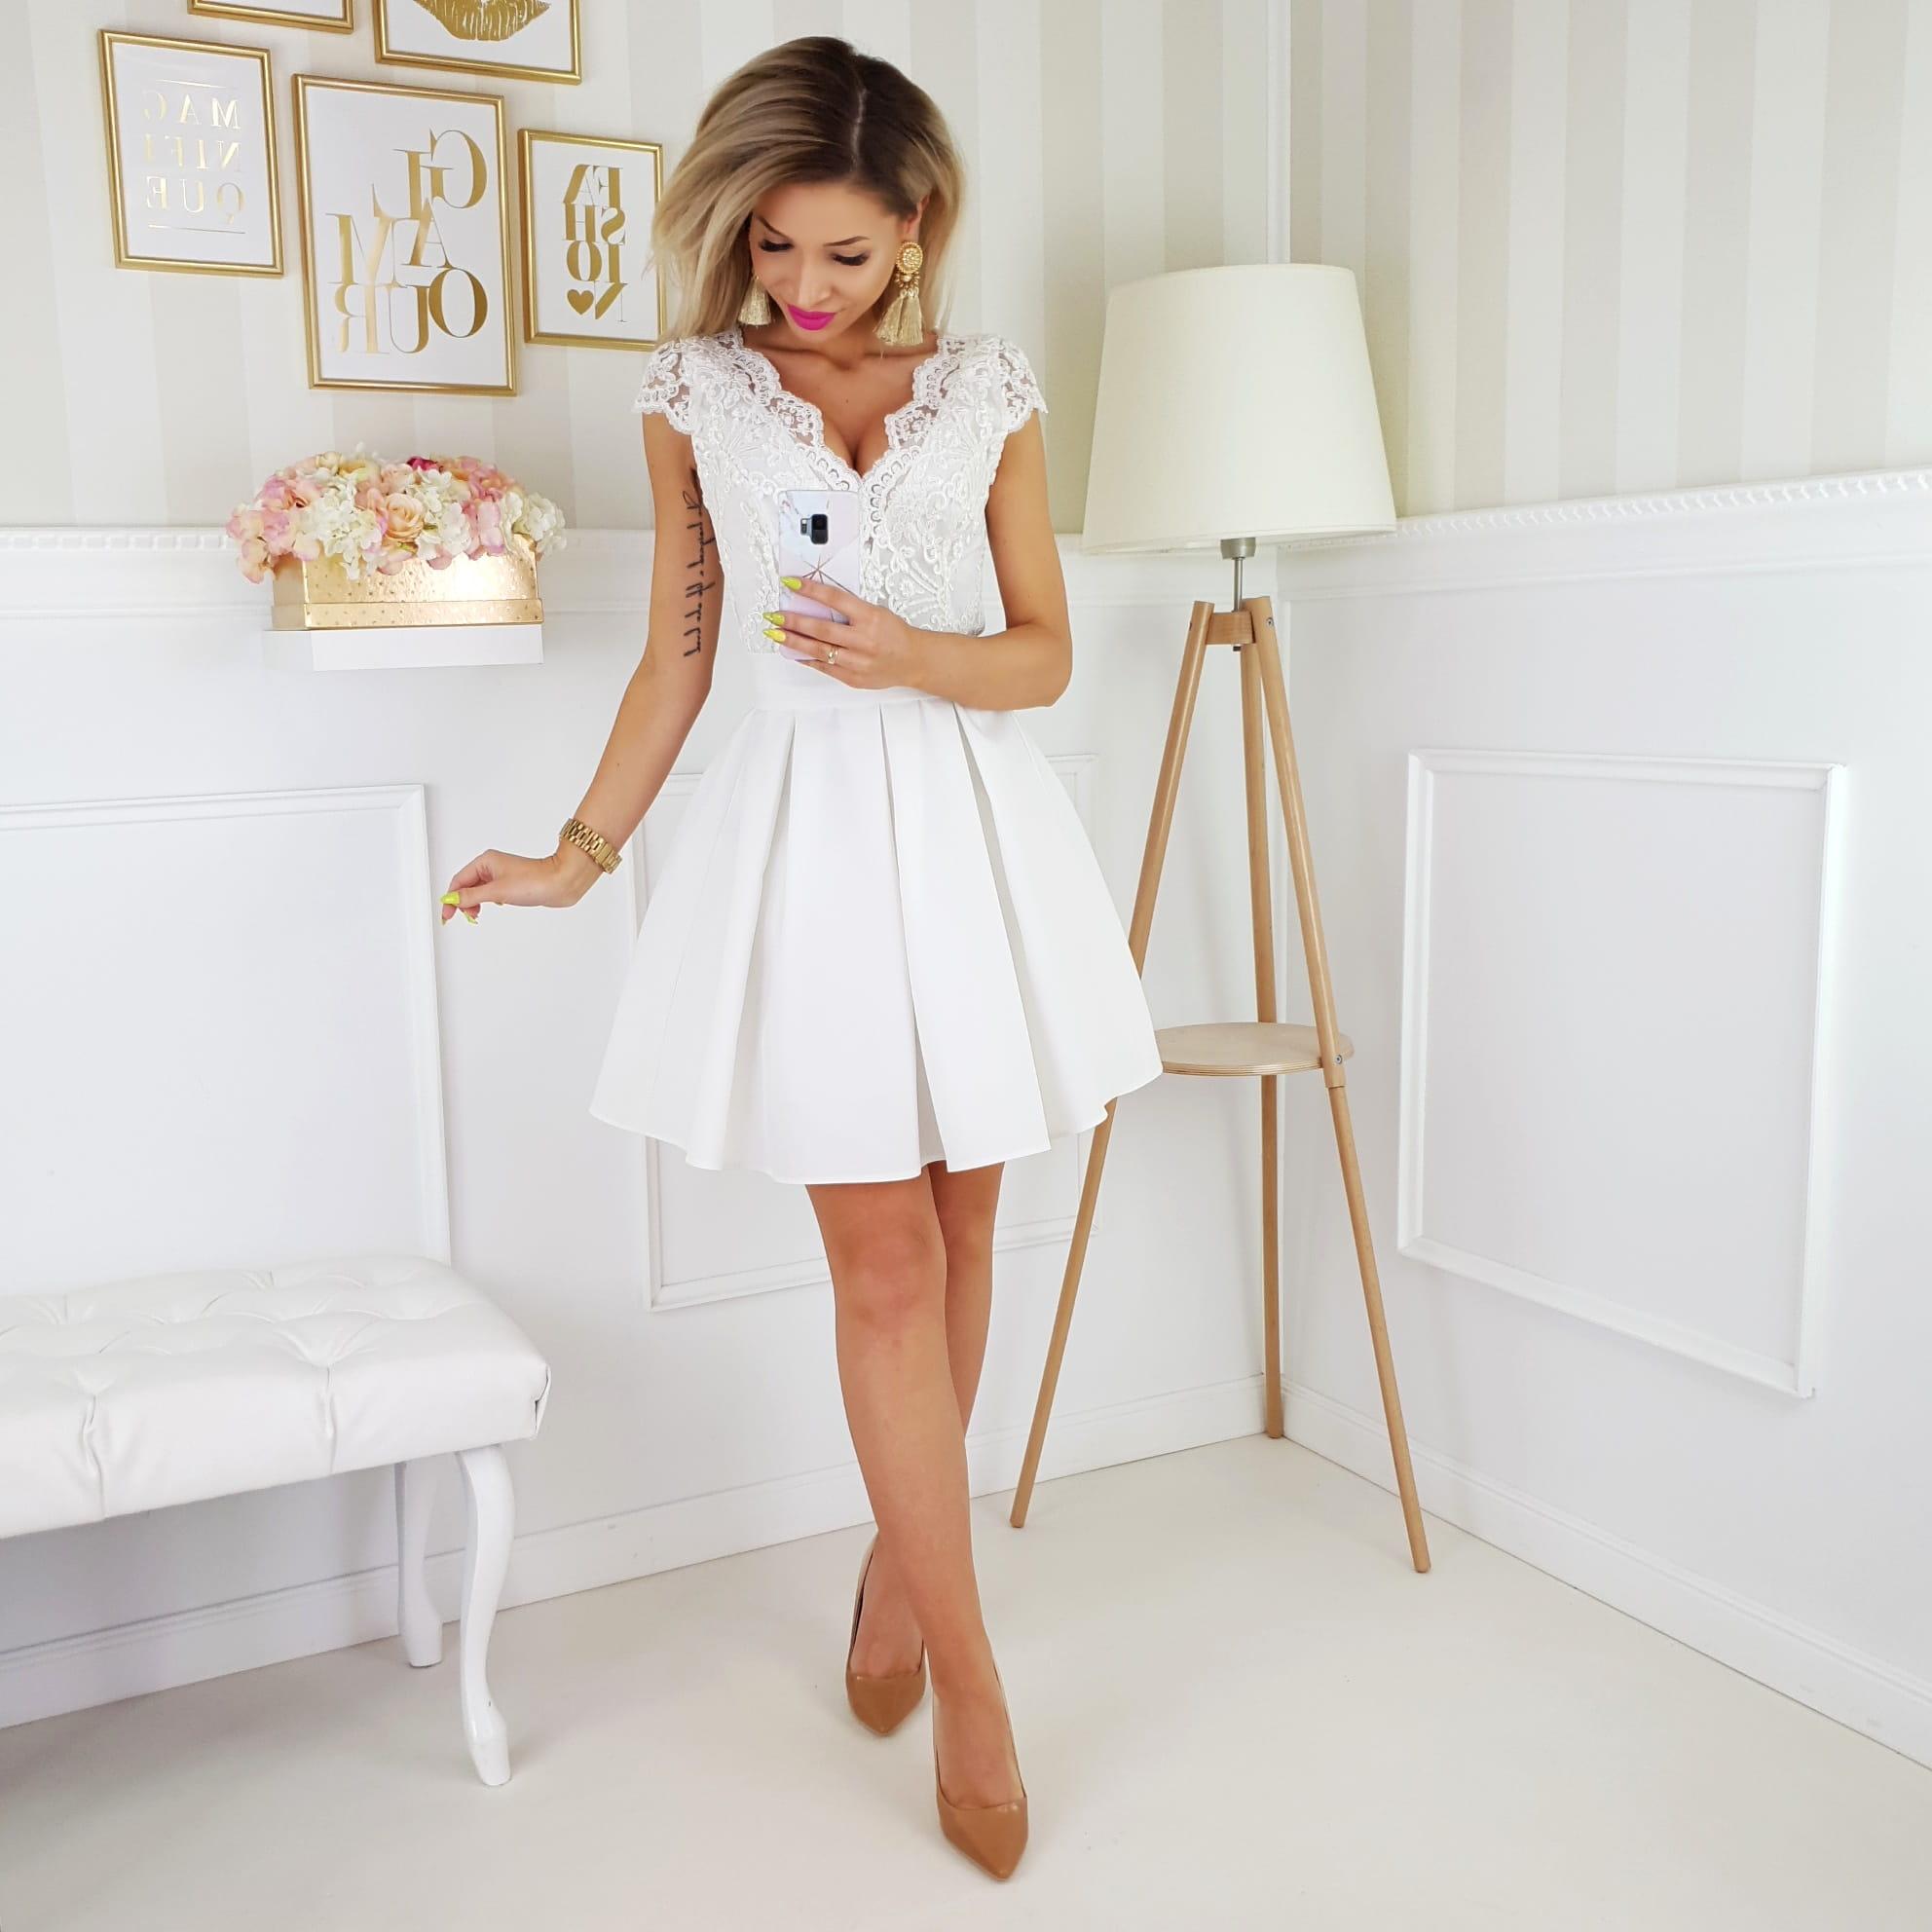 5a6c2e8398d789 Bicotone sukienka wieczorowa mini Aleksandra | LUXYOU.PL